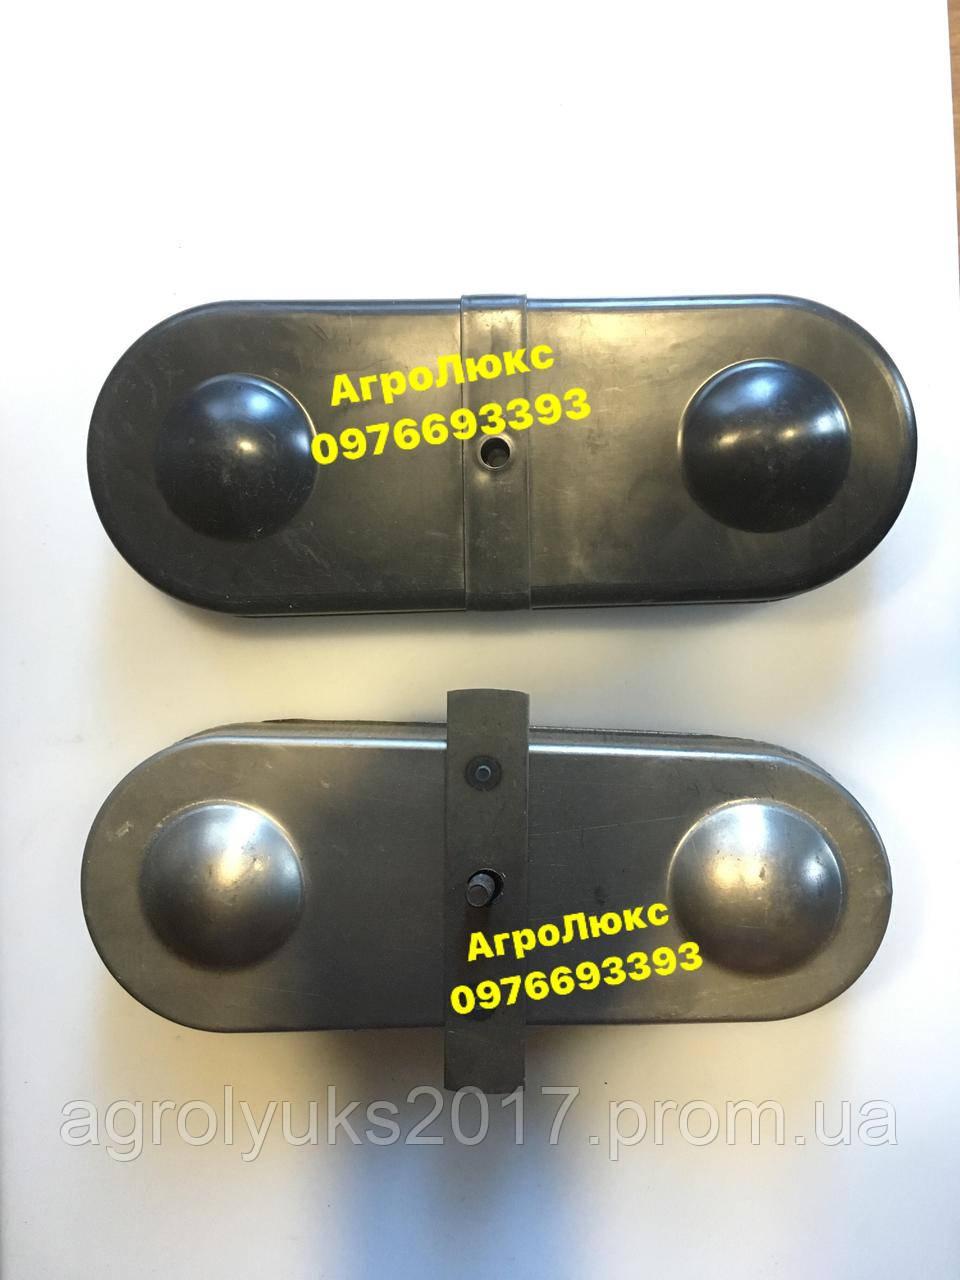 Крышка кассеты контр.привода высевающего аппарата сеялки СУПН-8.